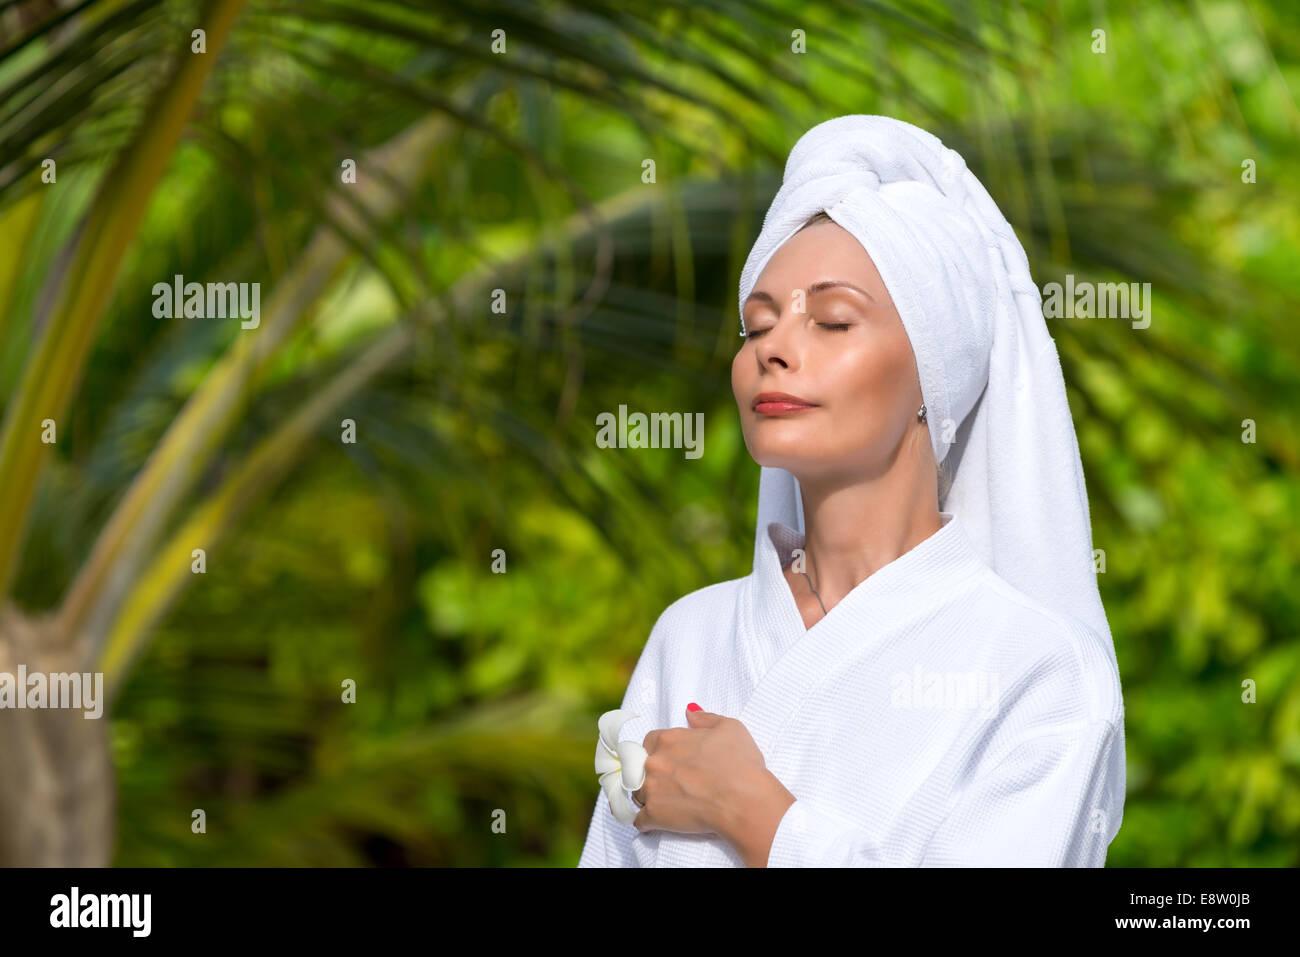 Salud, belleza y spa concept - hermosa mujer de toalla Imagen De Stock